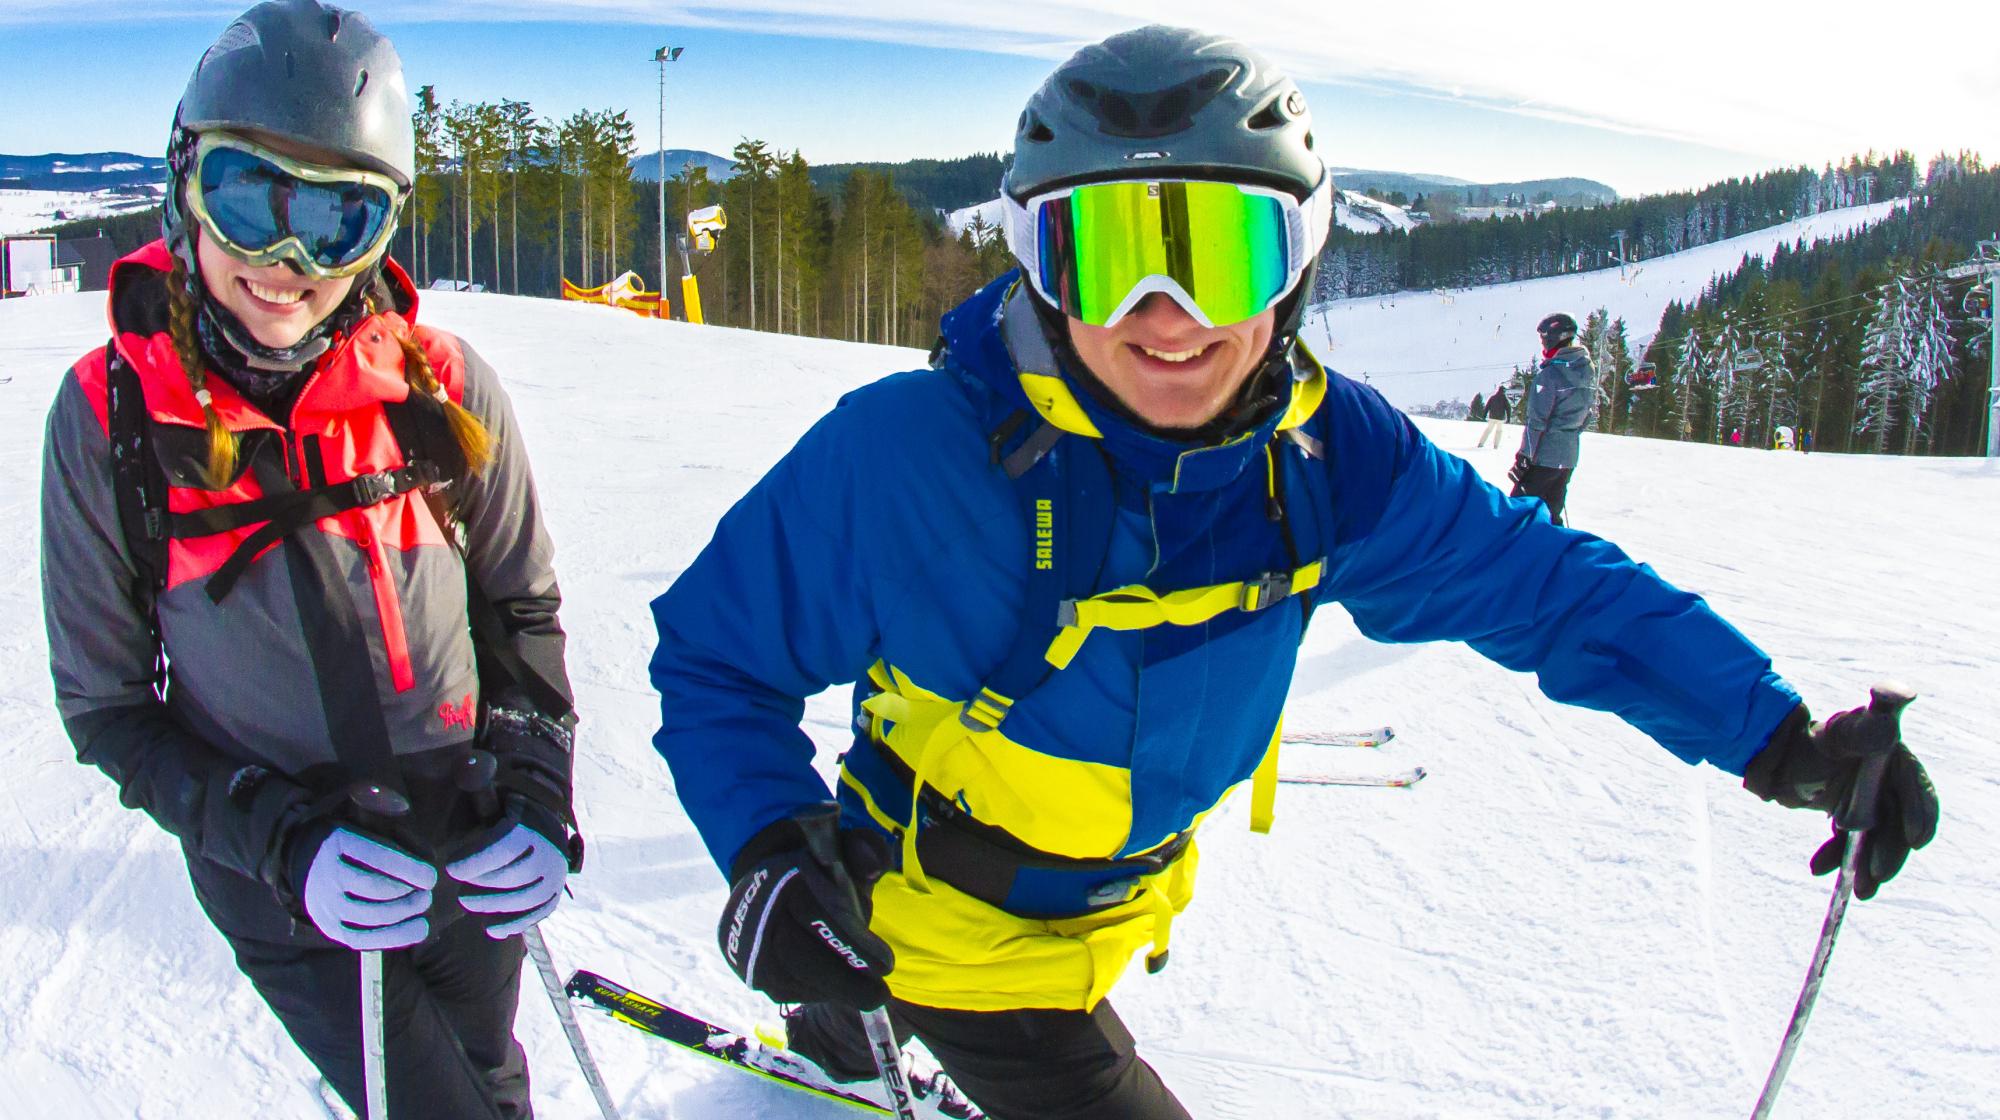 Skifahrer in der Wintersport-Arena Sauerland